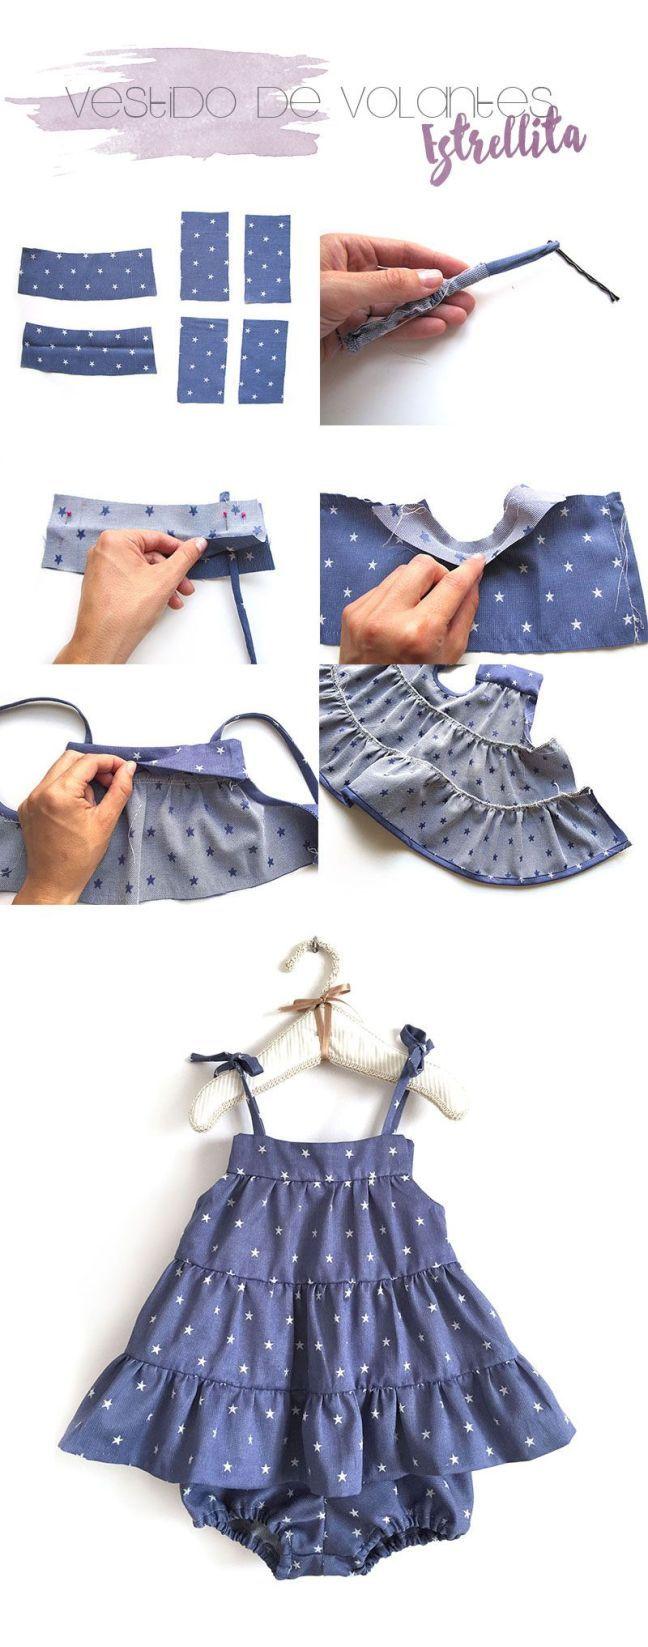 4 tutoriales de ropa de bebé de verano DIY | Tutoriales de ropa ...